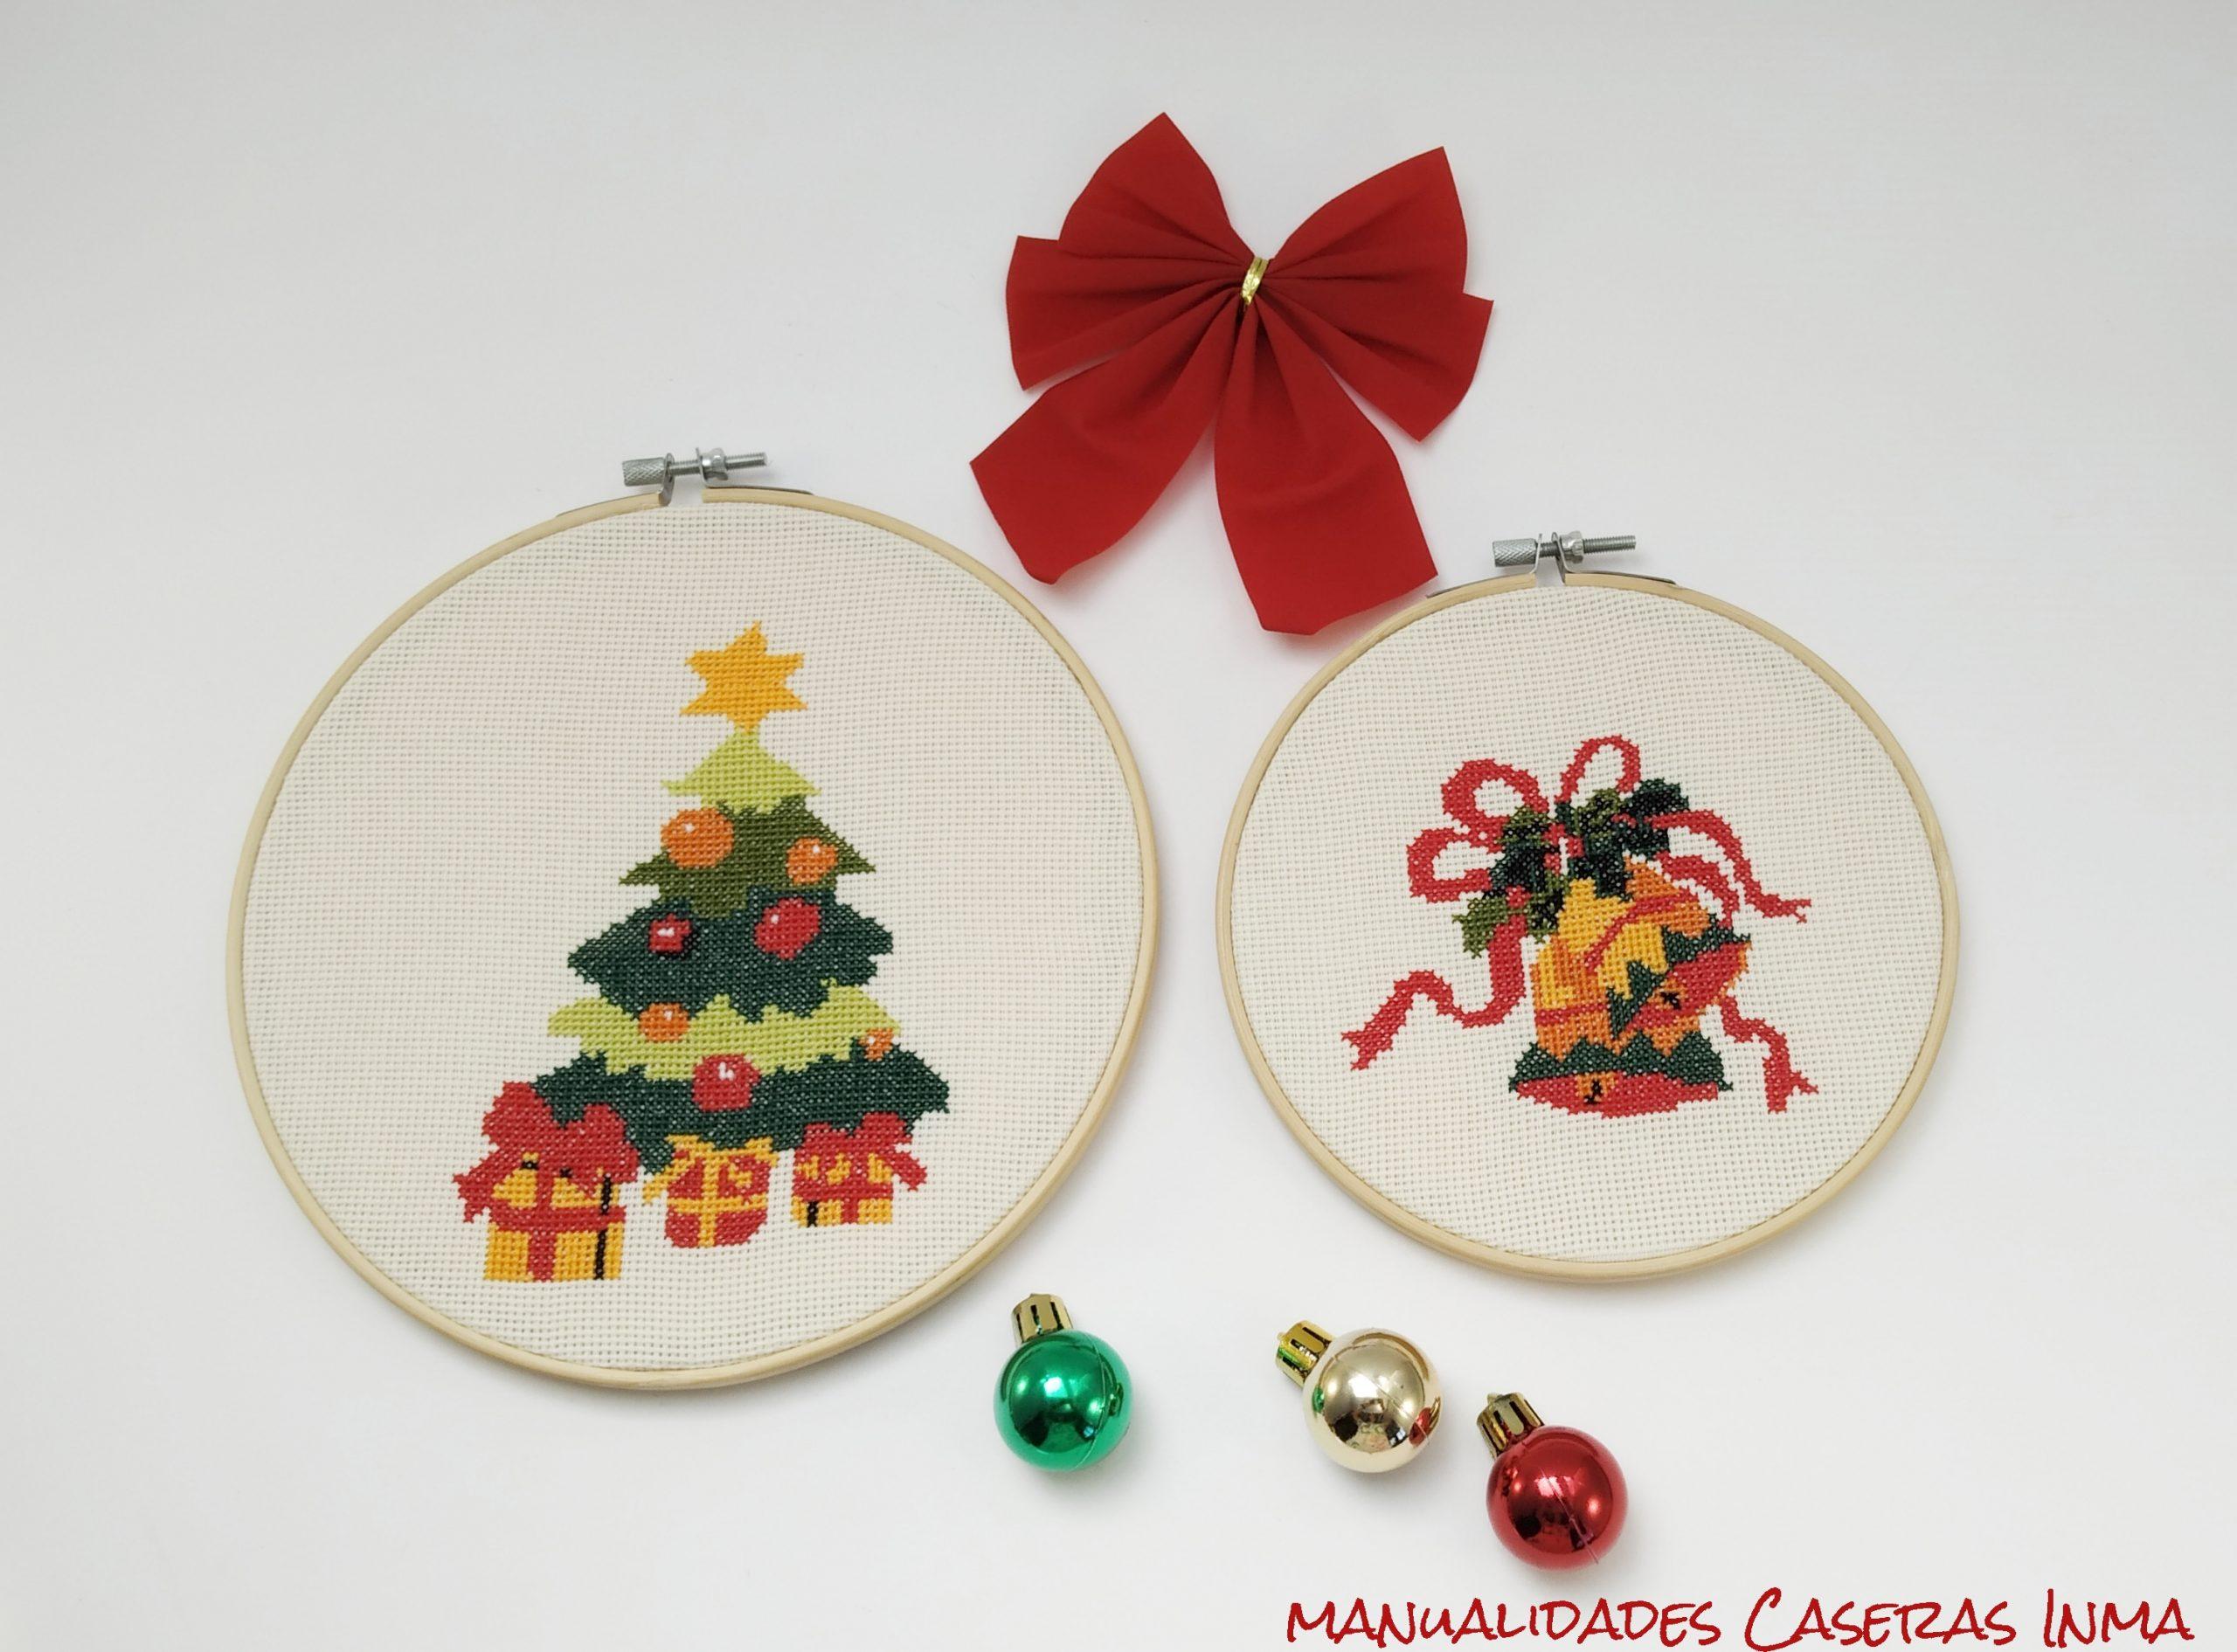 Manualidades Caseras Inma_ Bastidores de navidad